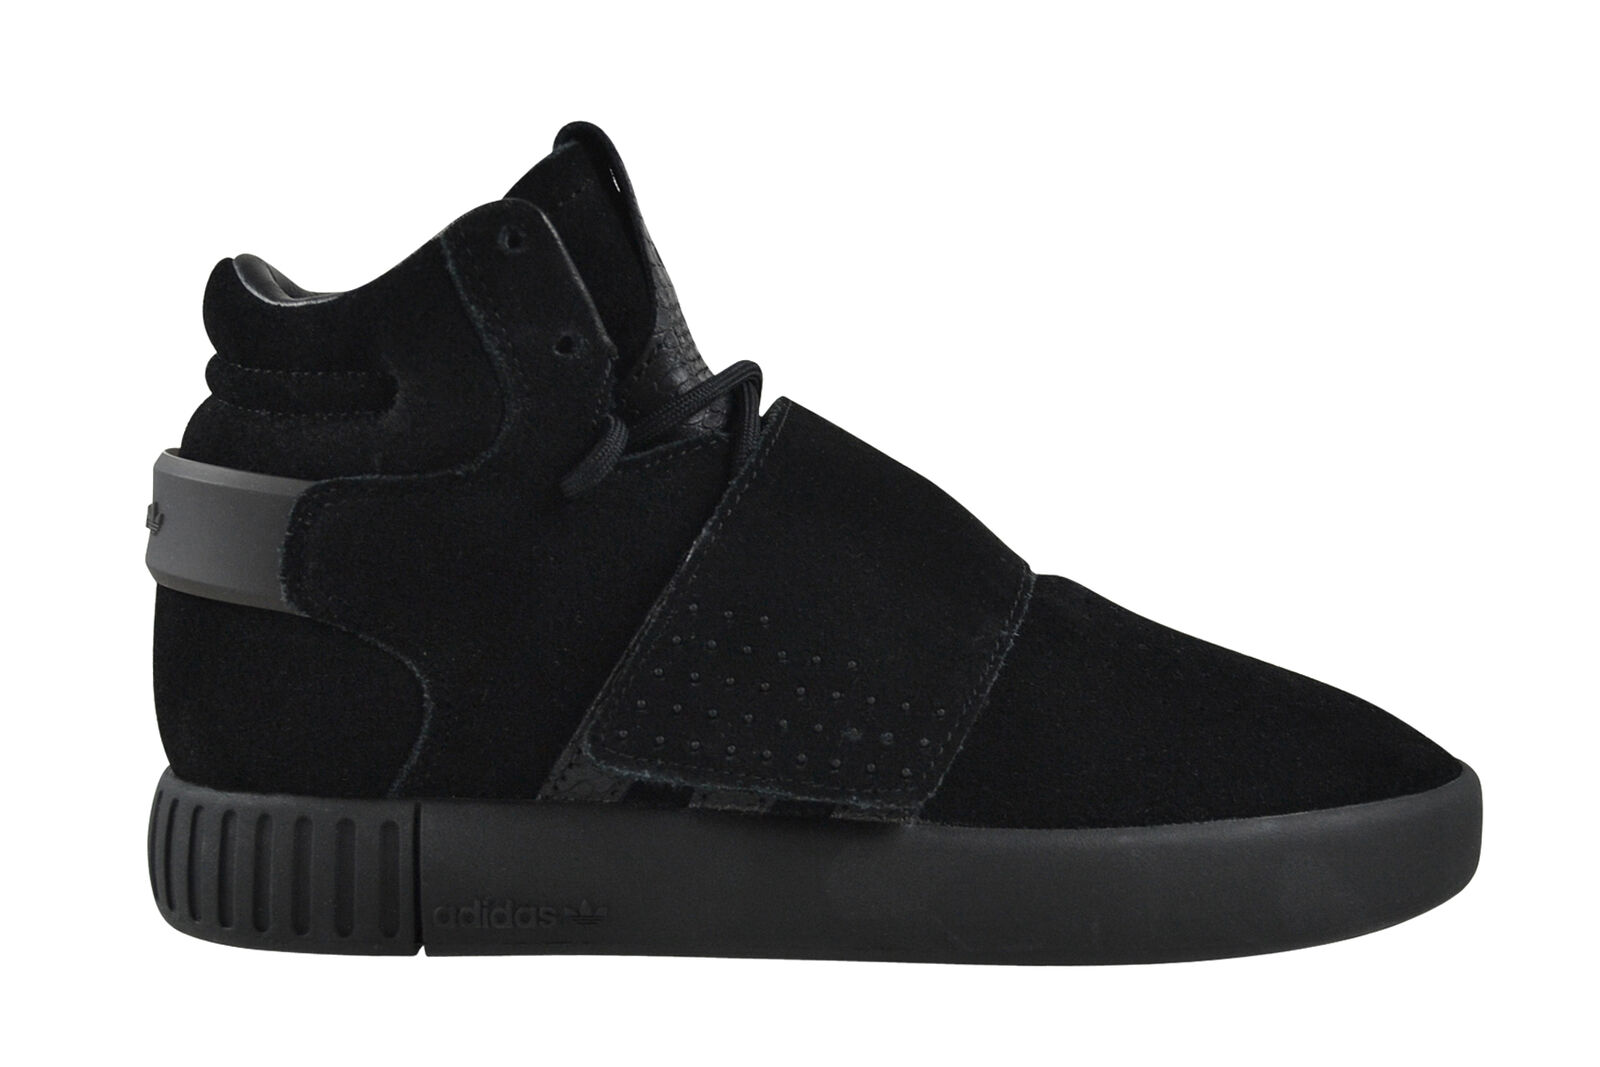 Adidas Tubular Invader Strap schwarz footwear Weiß Turnschuhe Schuhe schwarz BY3632